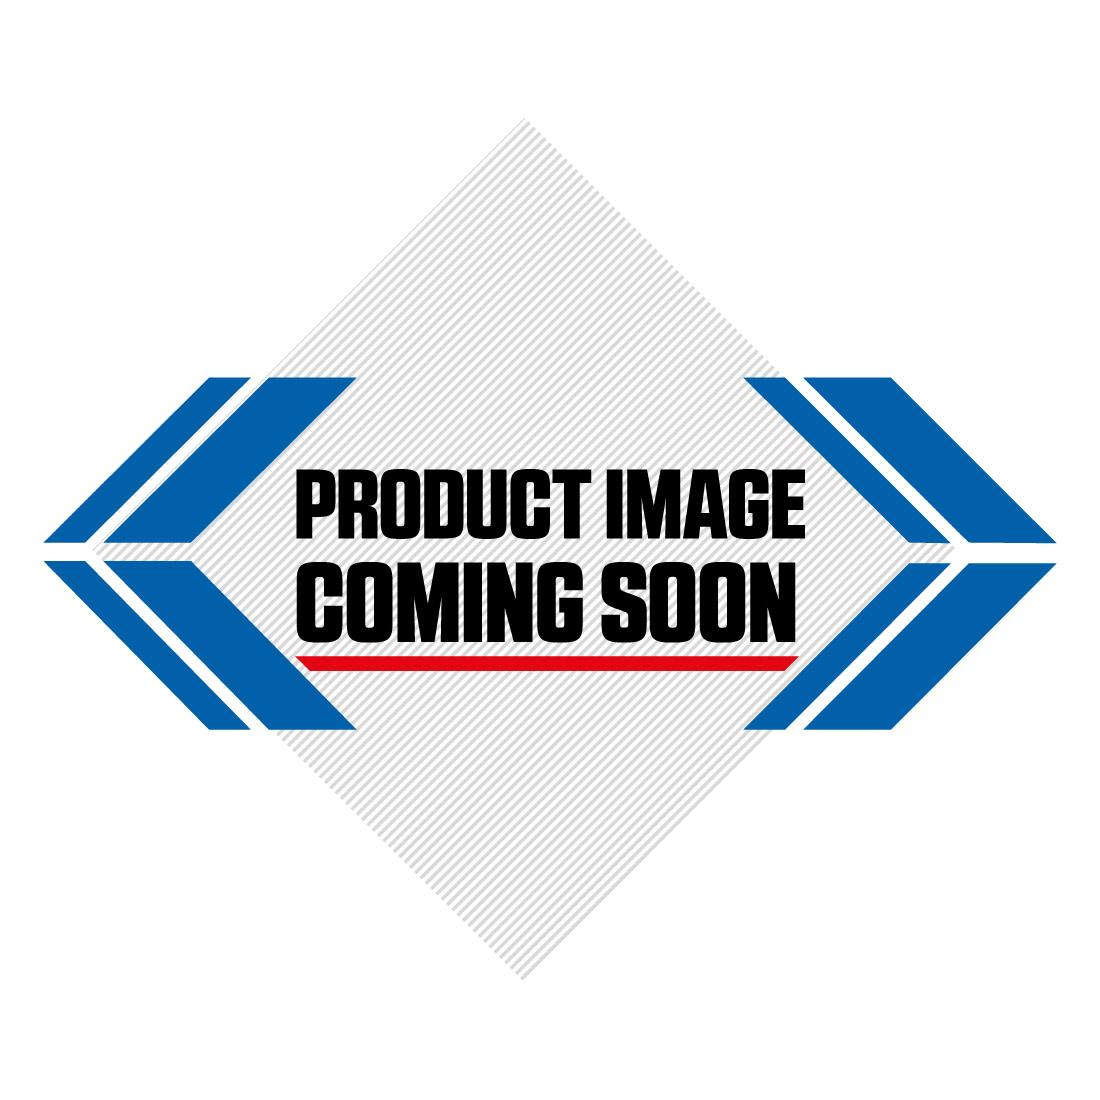 Husqvarna Plastic Kit OEM Factory Image-1